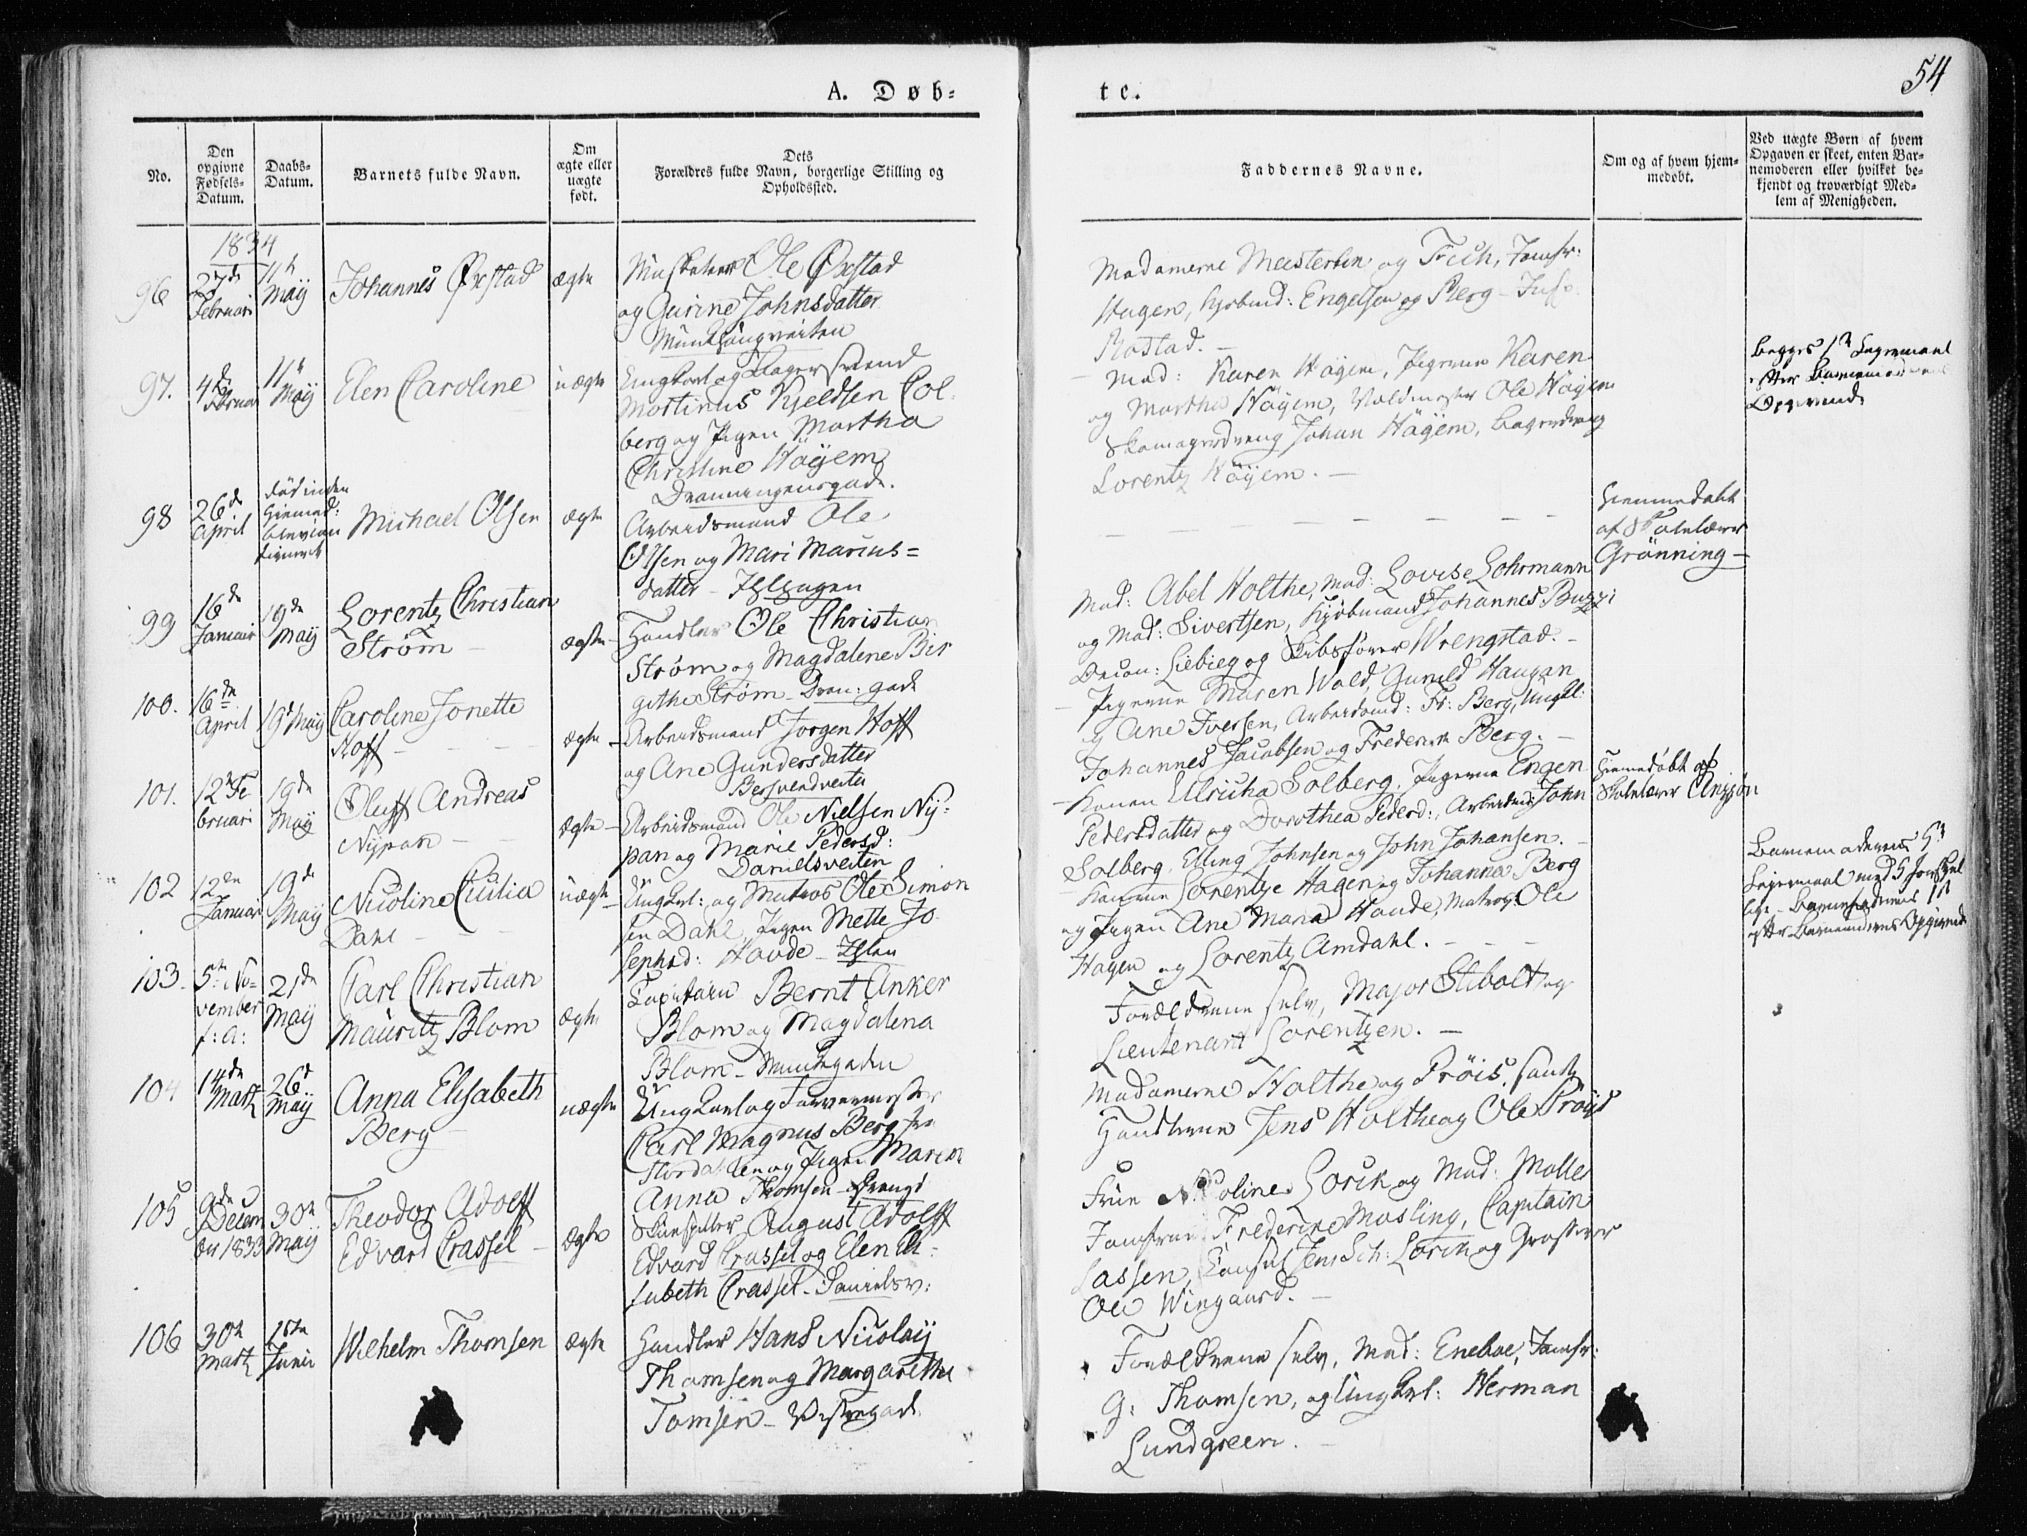 SAT, Ministerialprotokoller, klokkerbøker og fødselsregistre - Sør-Trøndelag, 601/L0047: Ministerialbok nr. 601A15, 1831-1839, s. 54